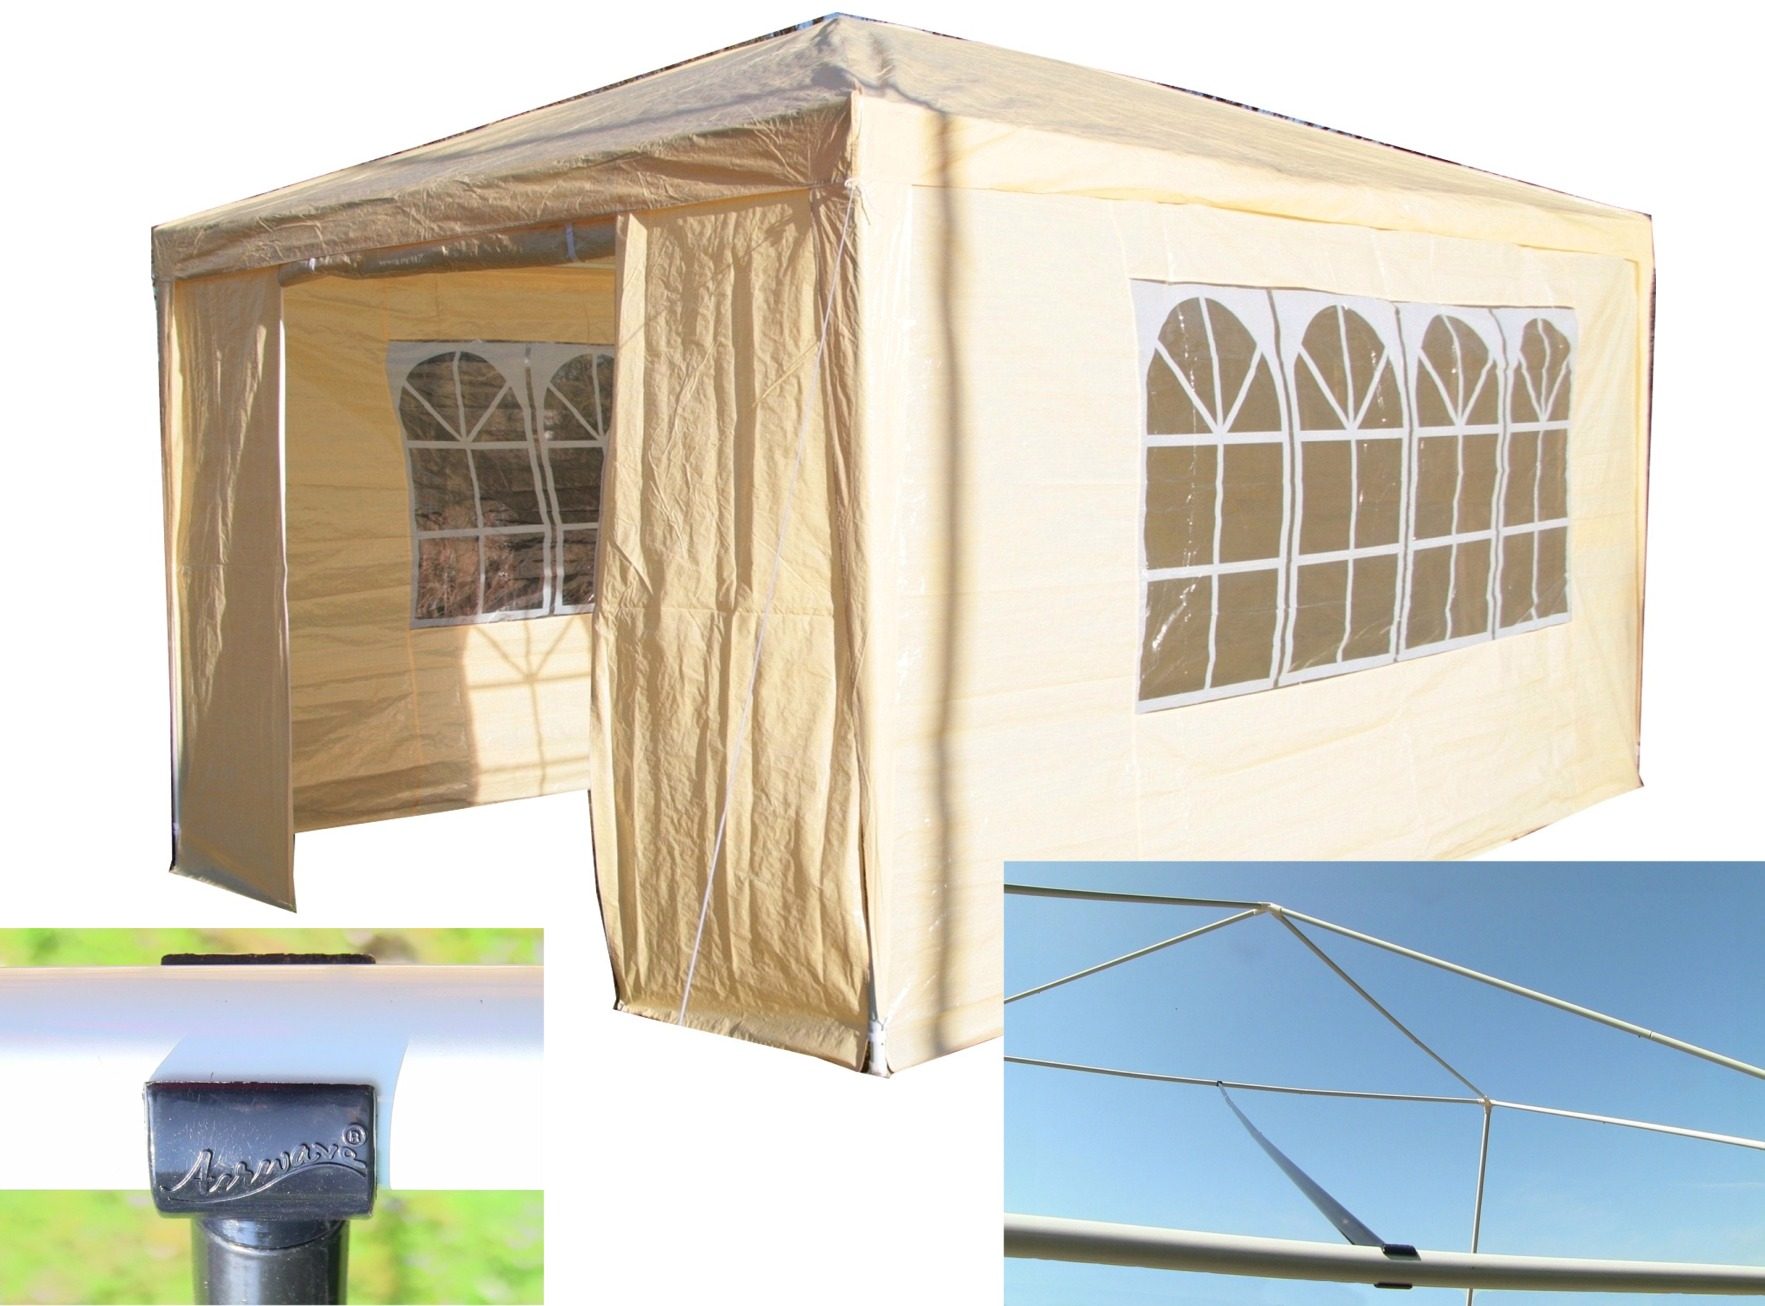 Airwave 3m x 4m carpa para fiesta gratis protector viento for Cuisine 3m x 4m